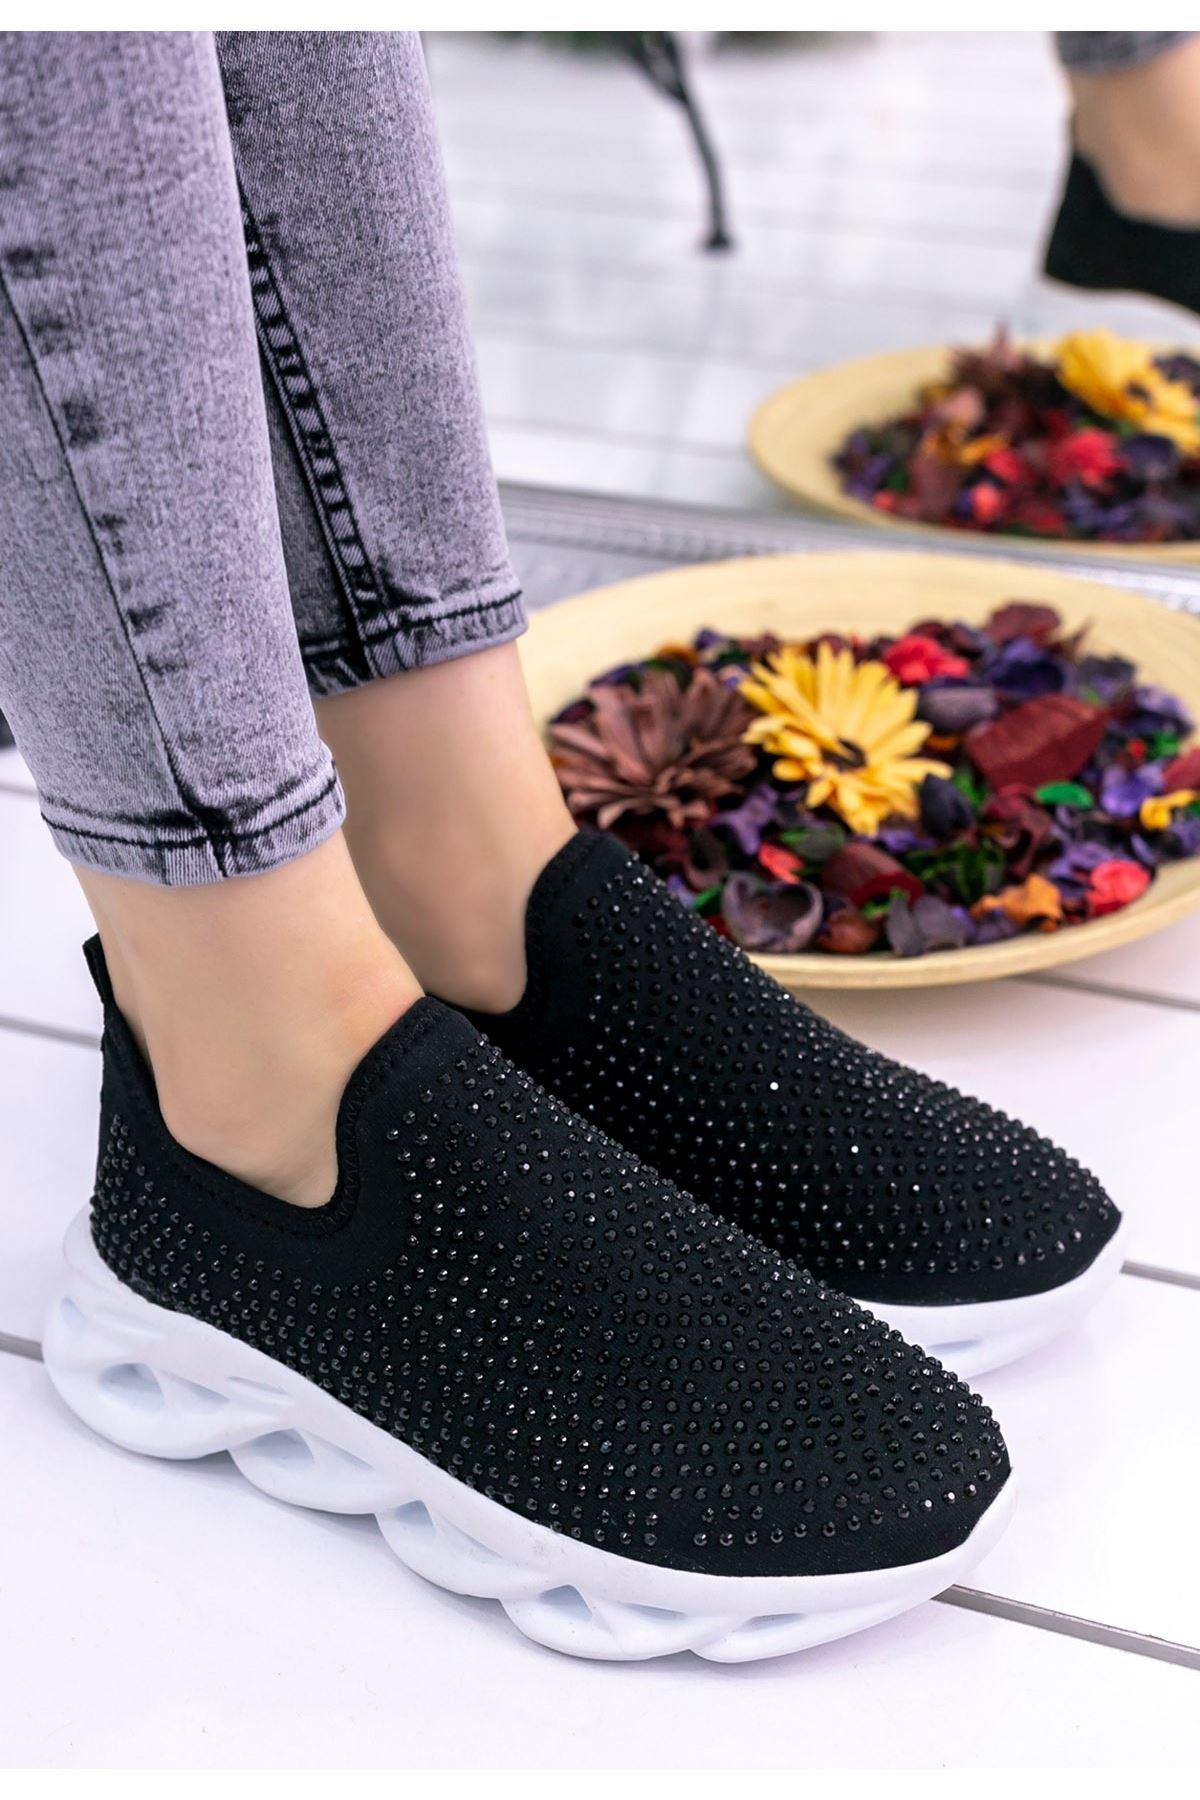 Vicki Siyah Boncuklu Beyaz Tabanlı Spor Ayakkabı